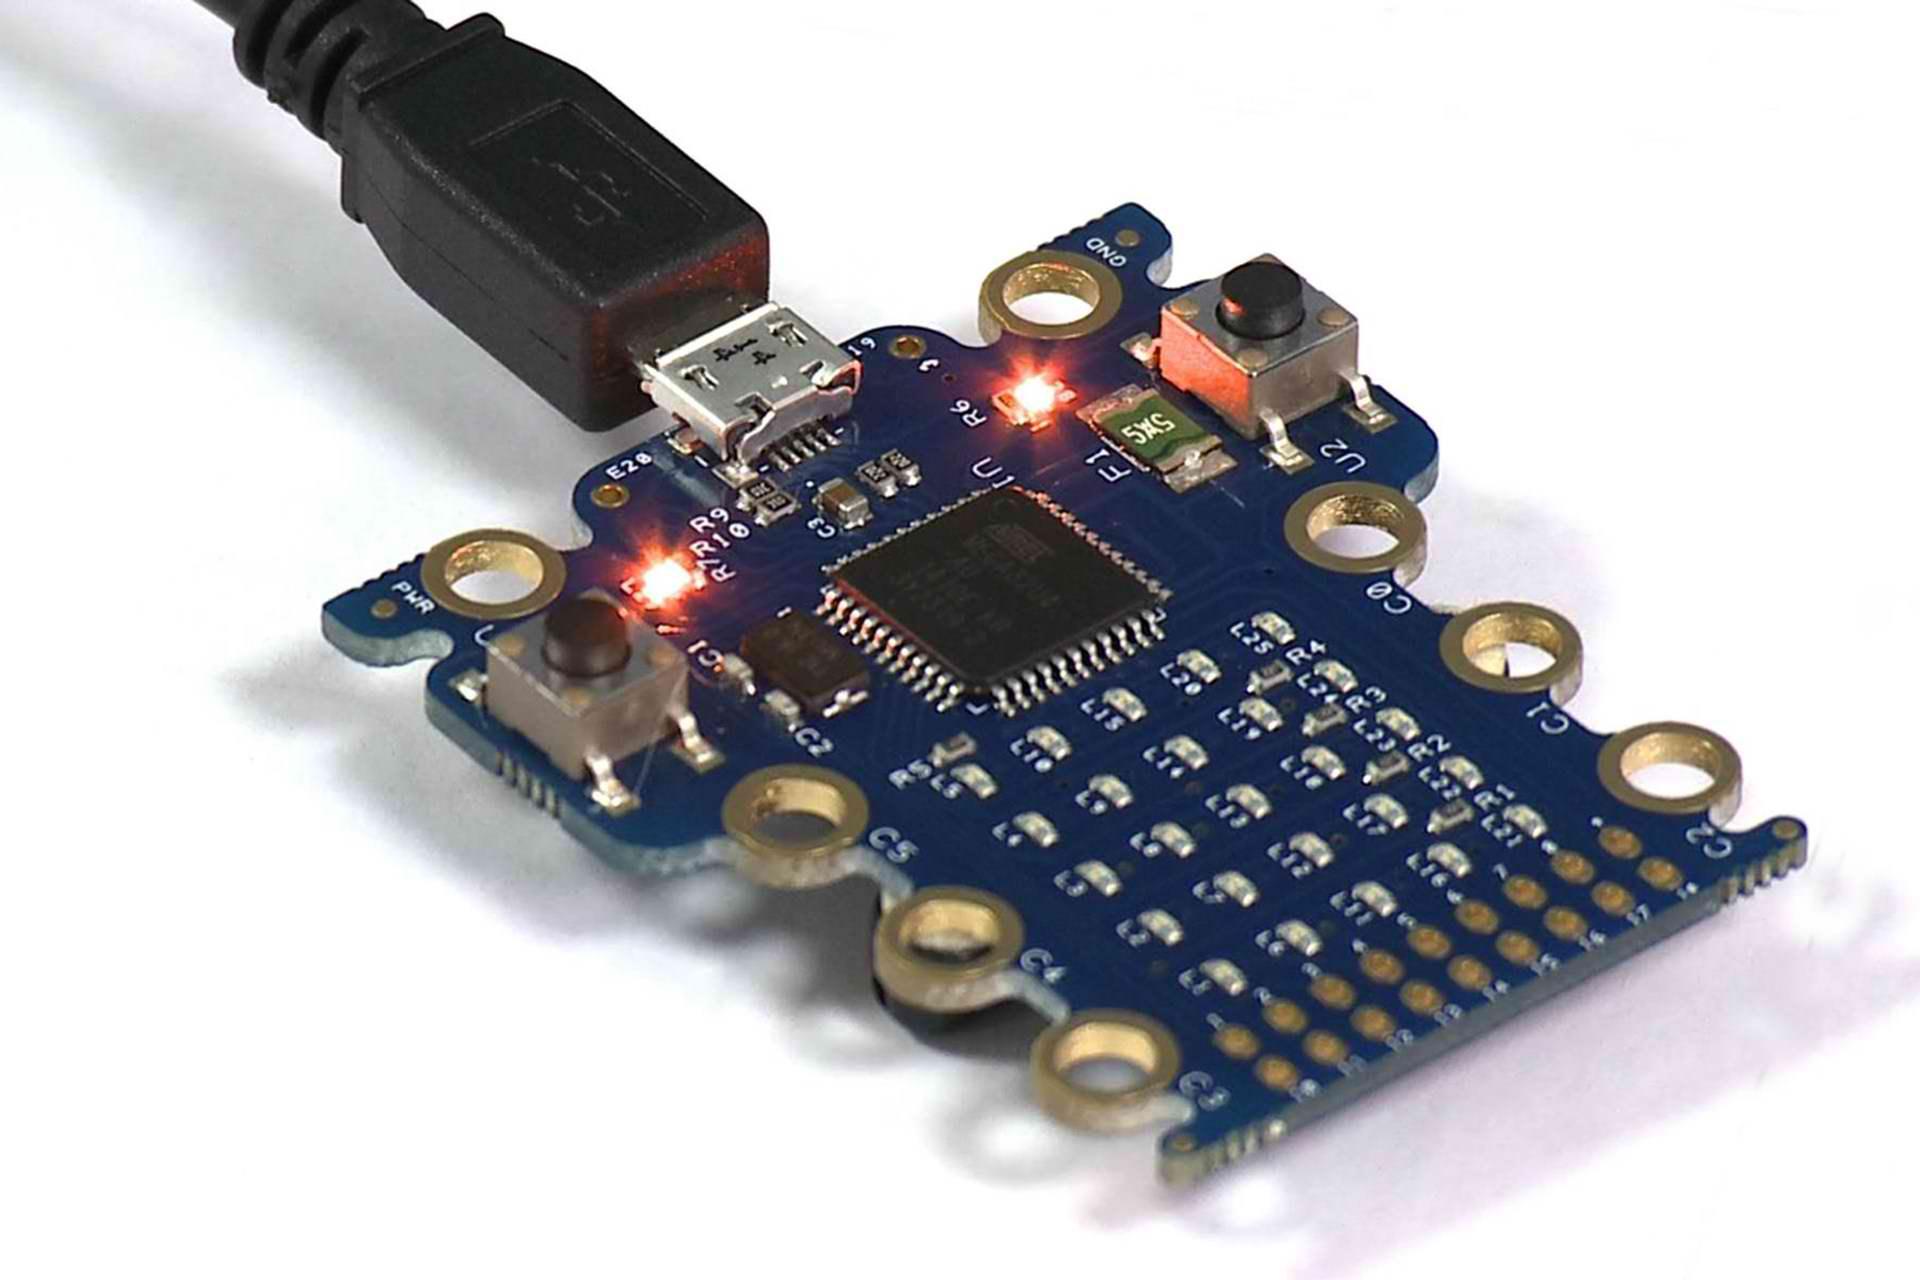 Fiecare copil de 7 ani din Marea Britanie va primi un computer Micro Bit din partea BBC